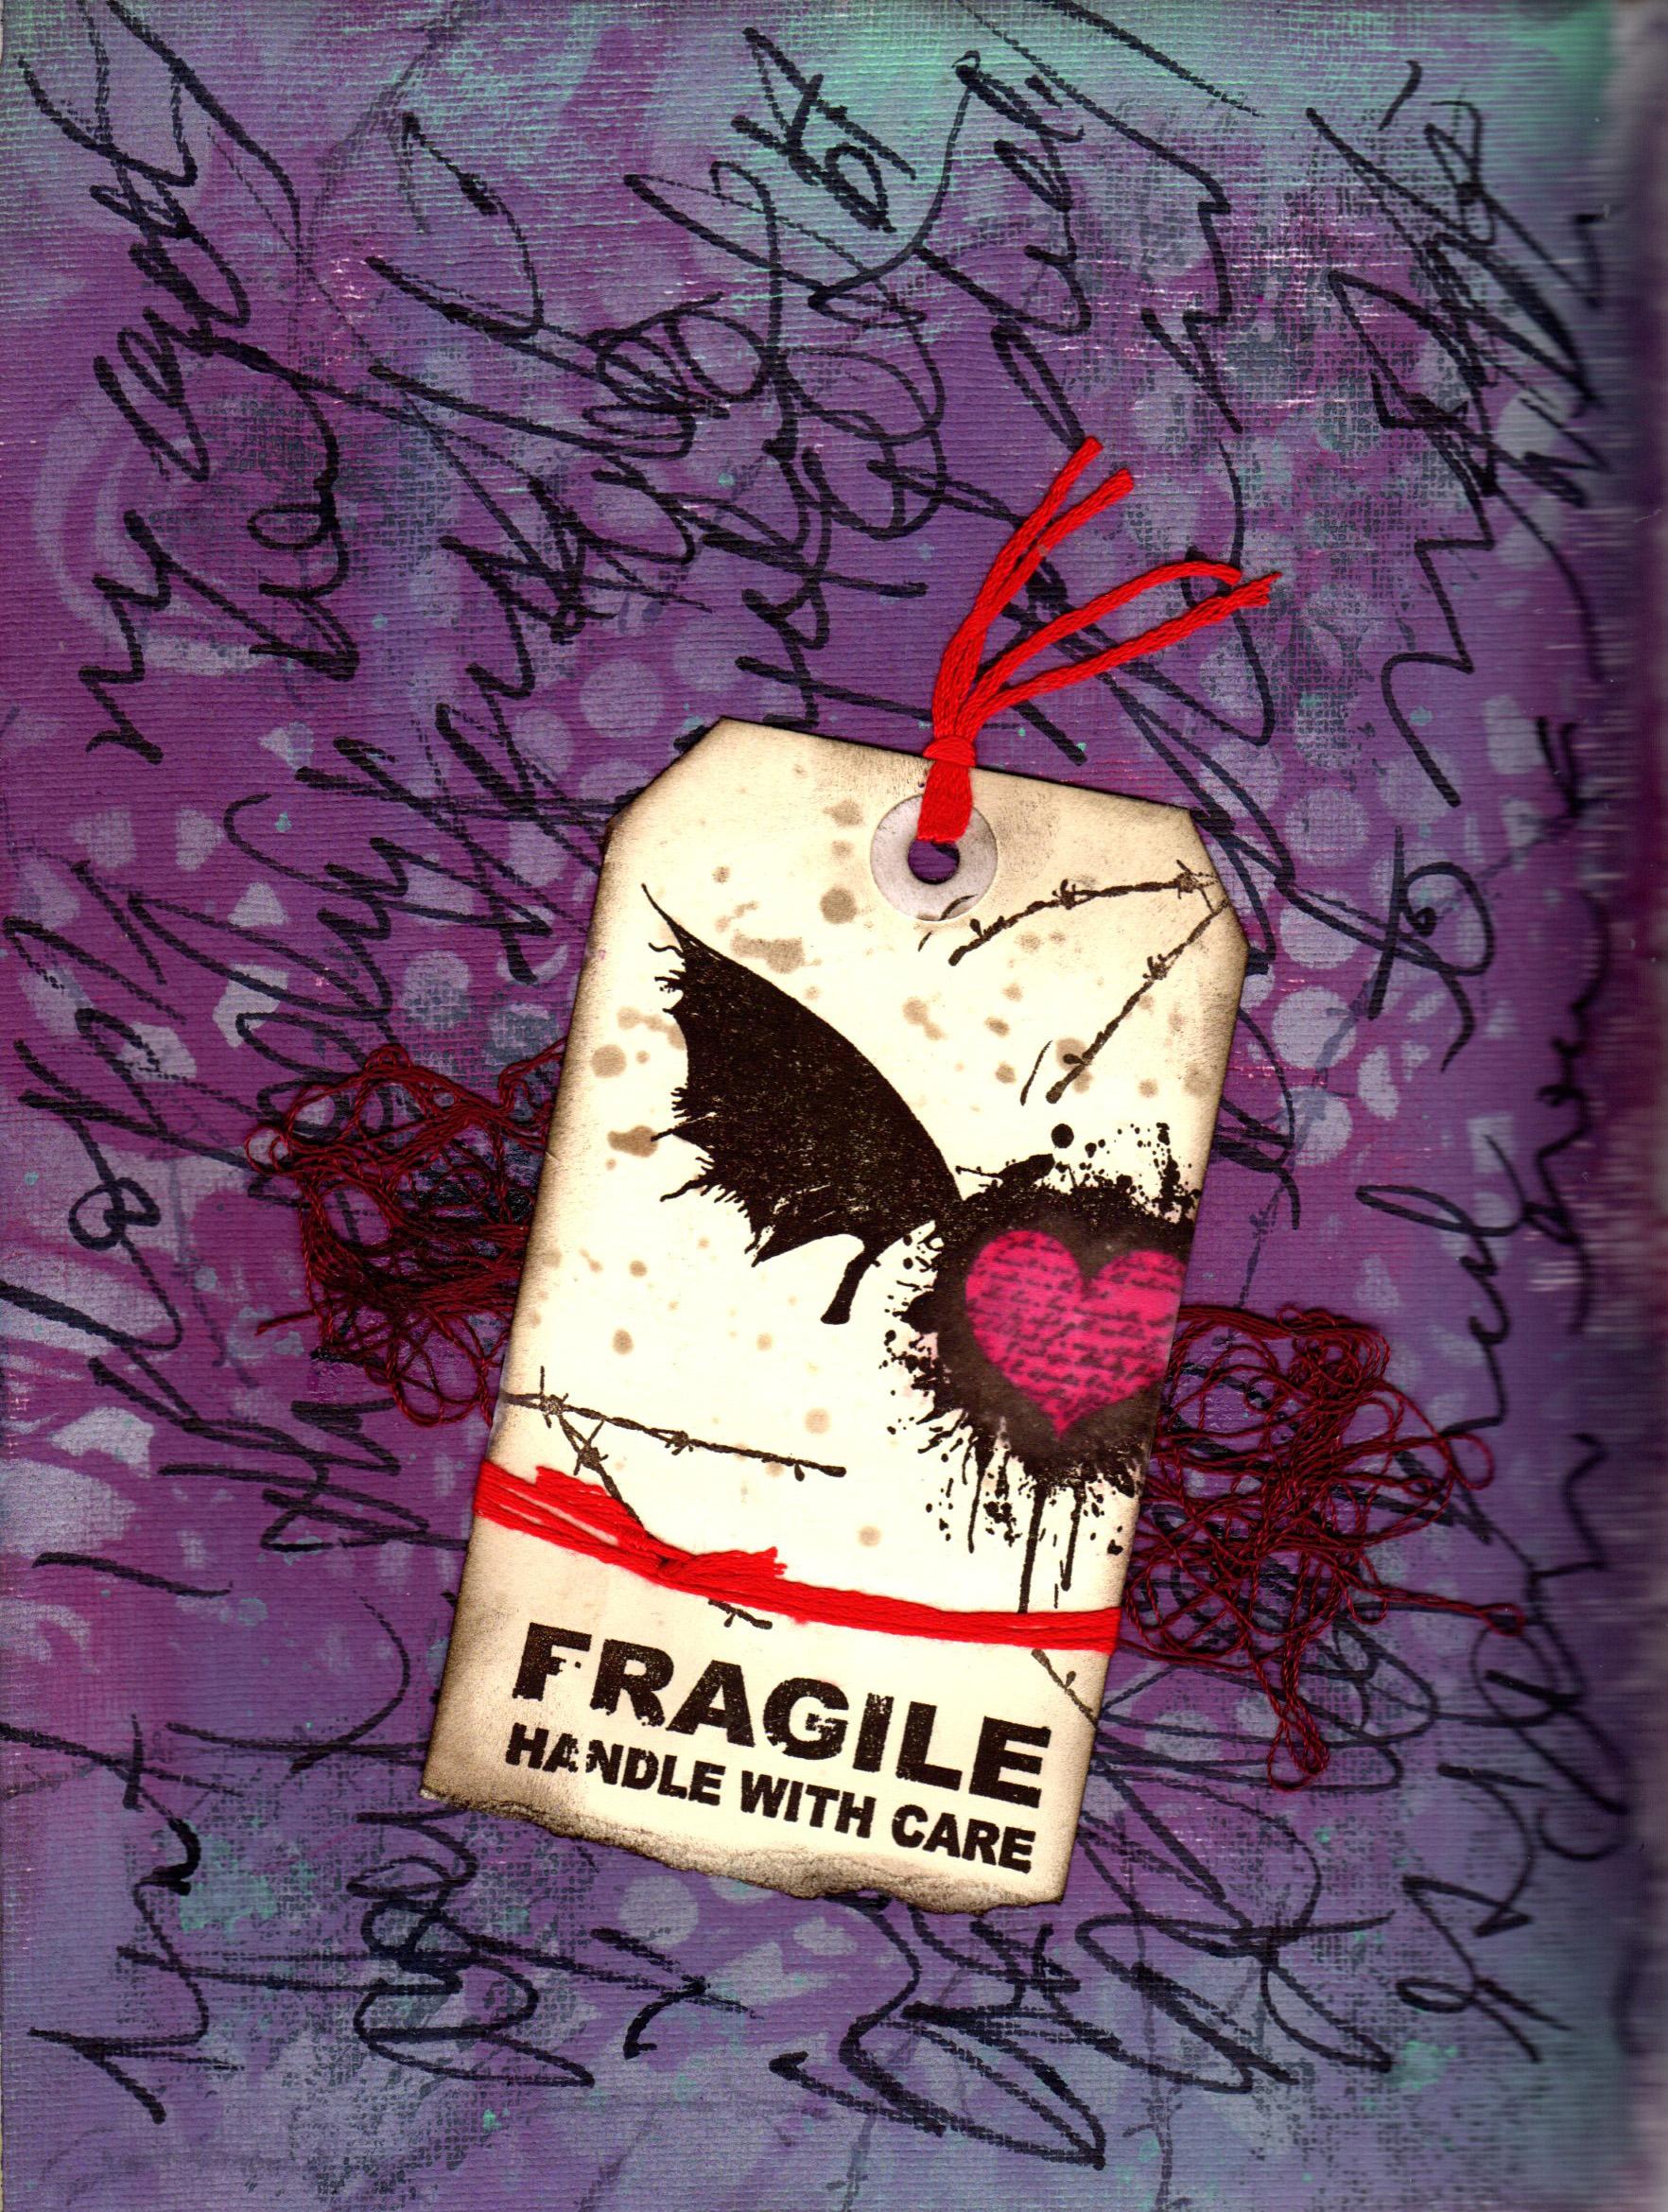 fragile 20190512.jpg